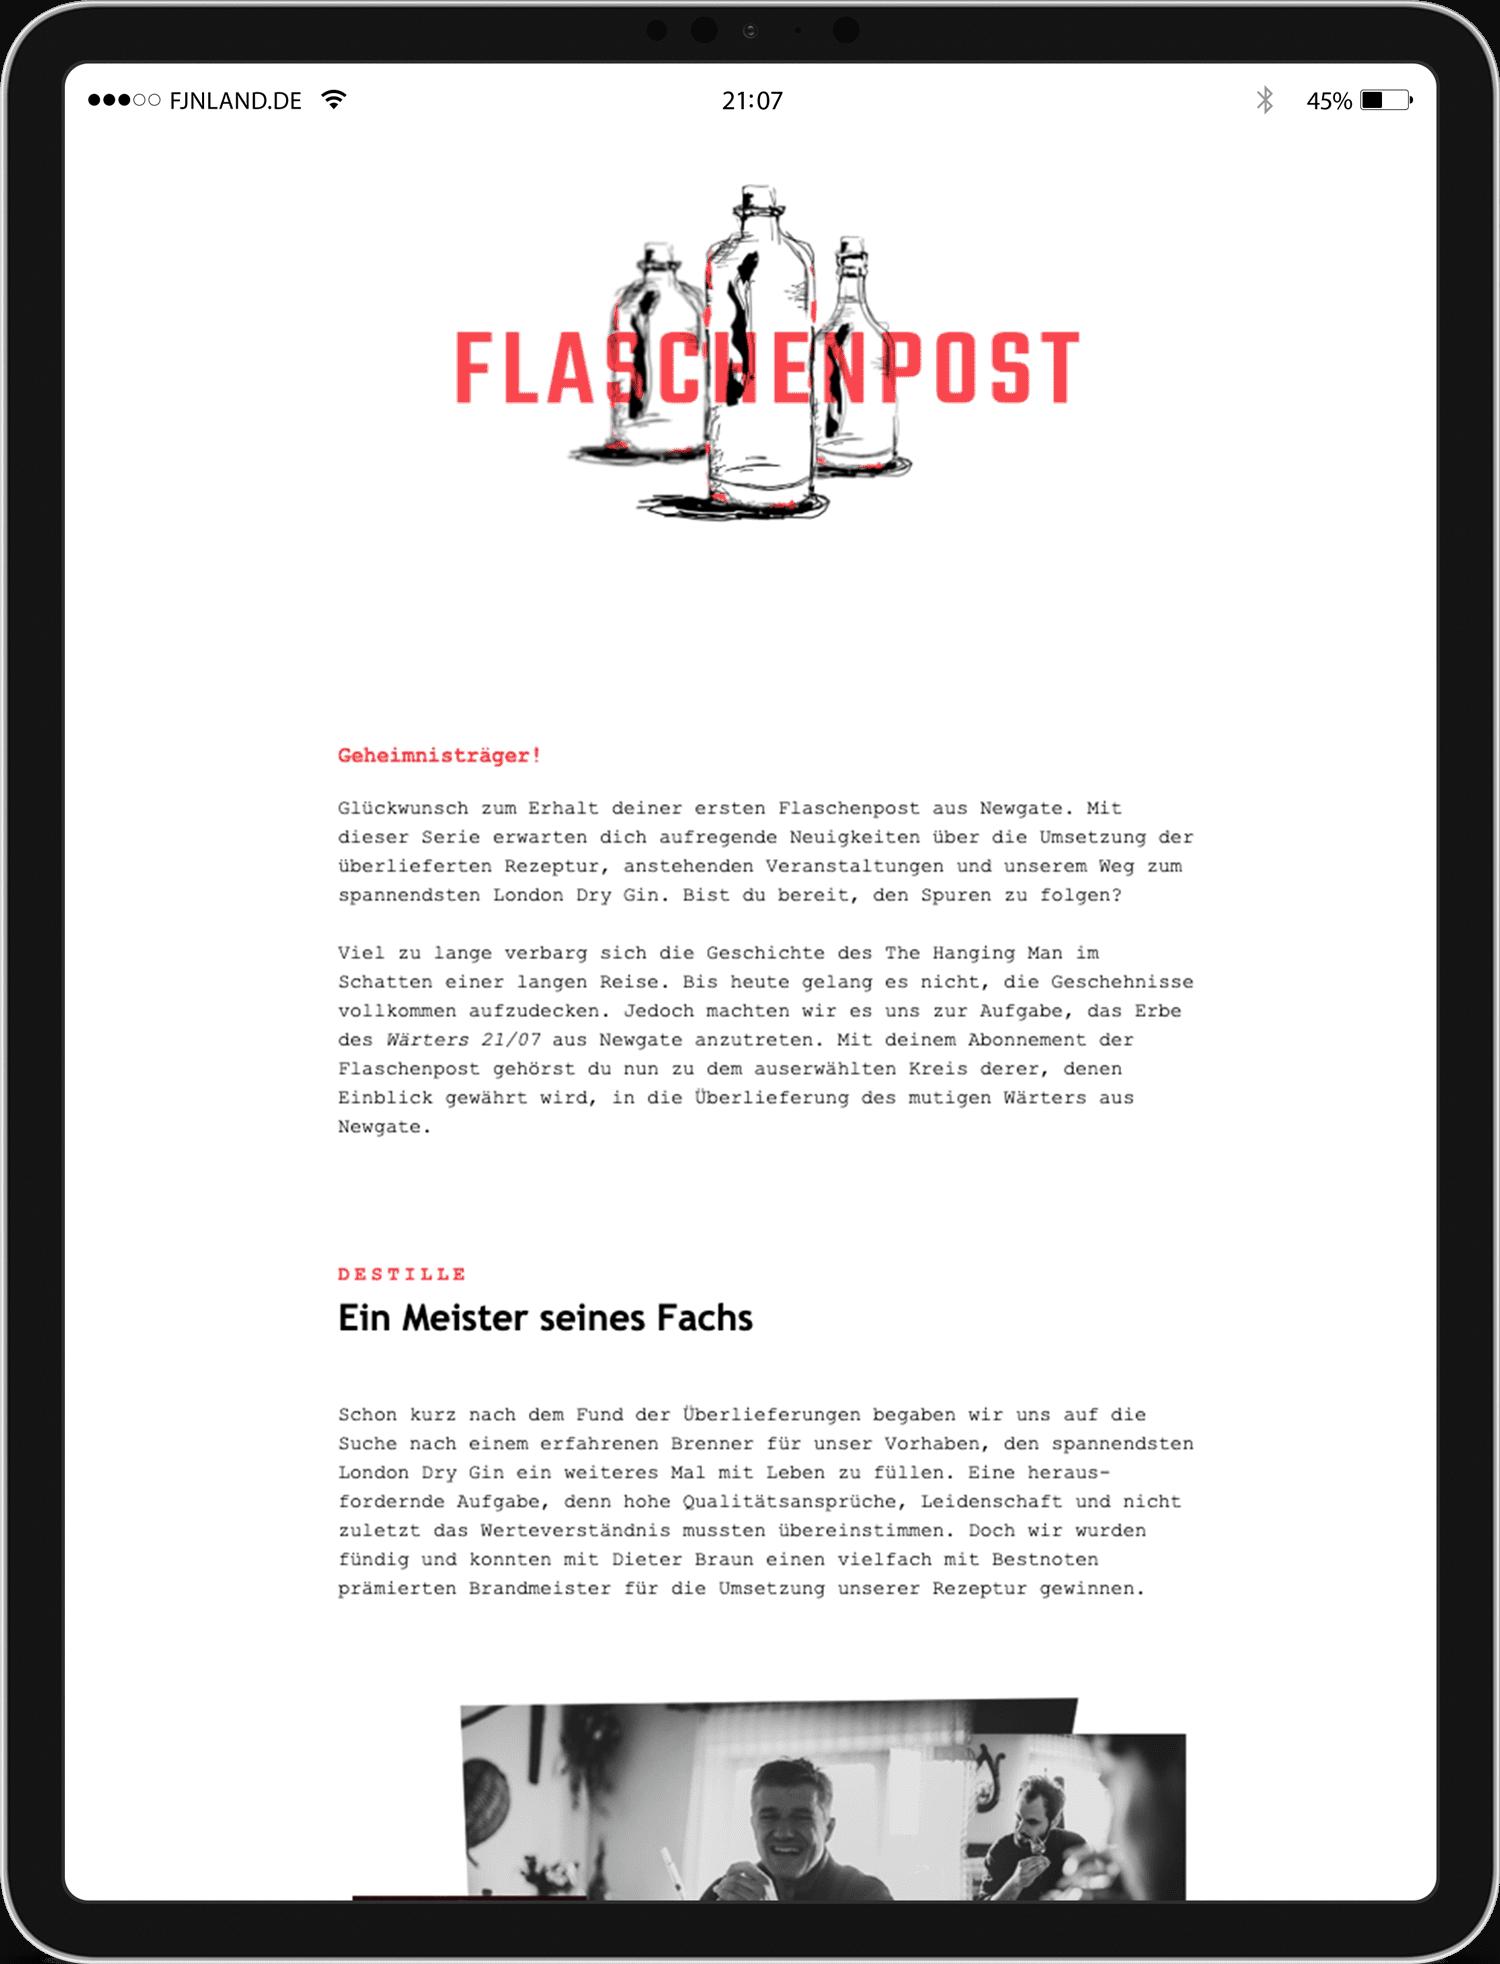 Flaschenpost auf iPad, Informationen über die Herstellung des spannendsten London Dry Gin aus Würzburg